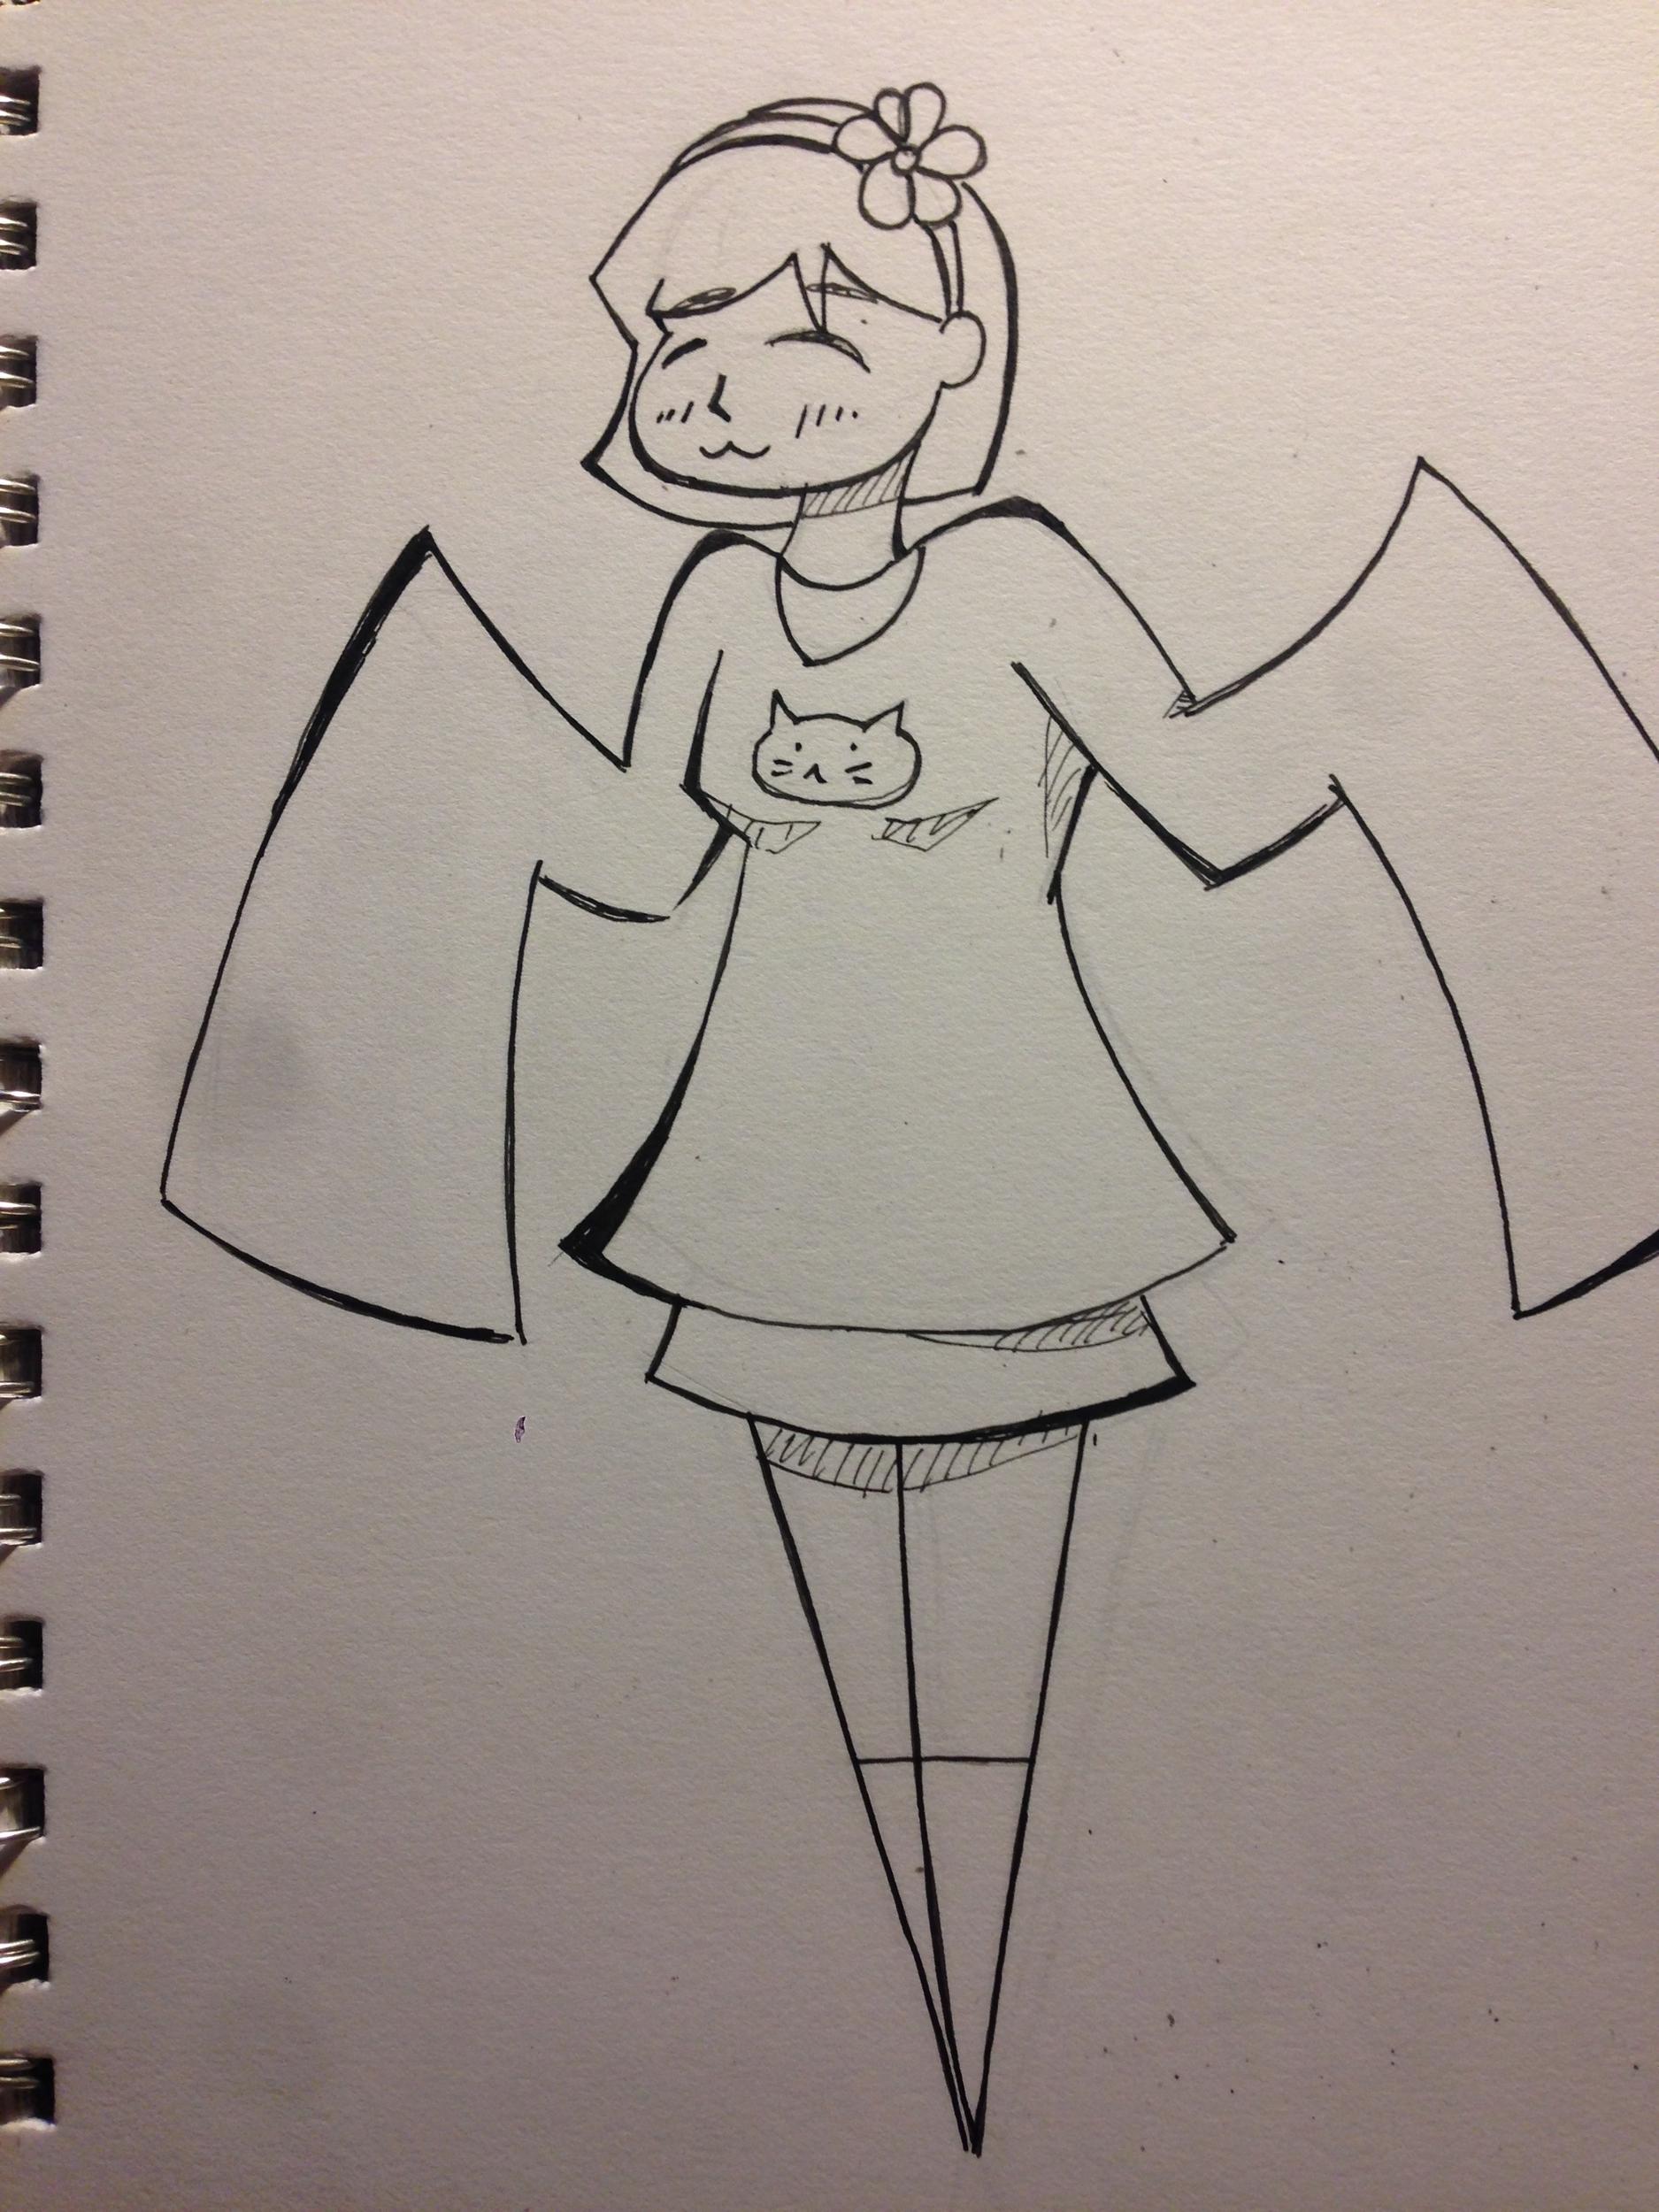 Second Girl Concept Art